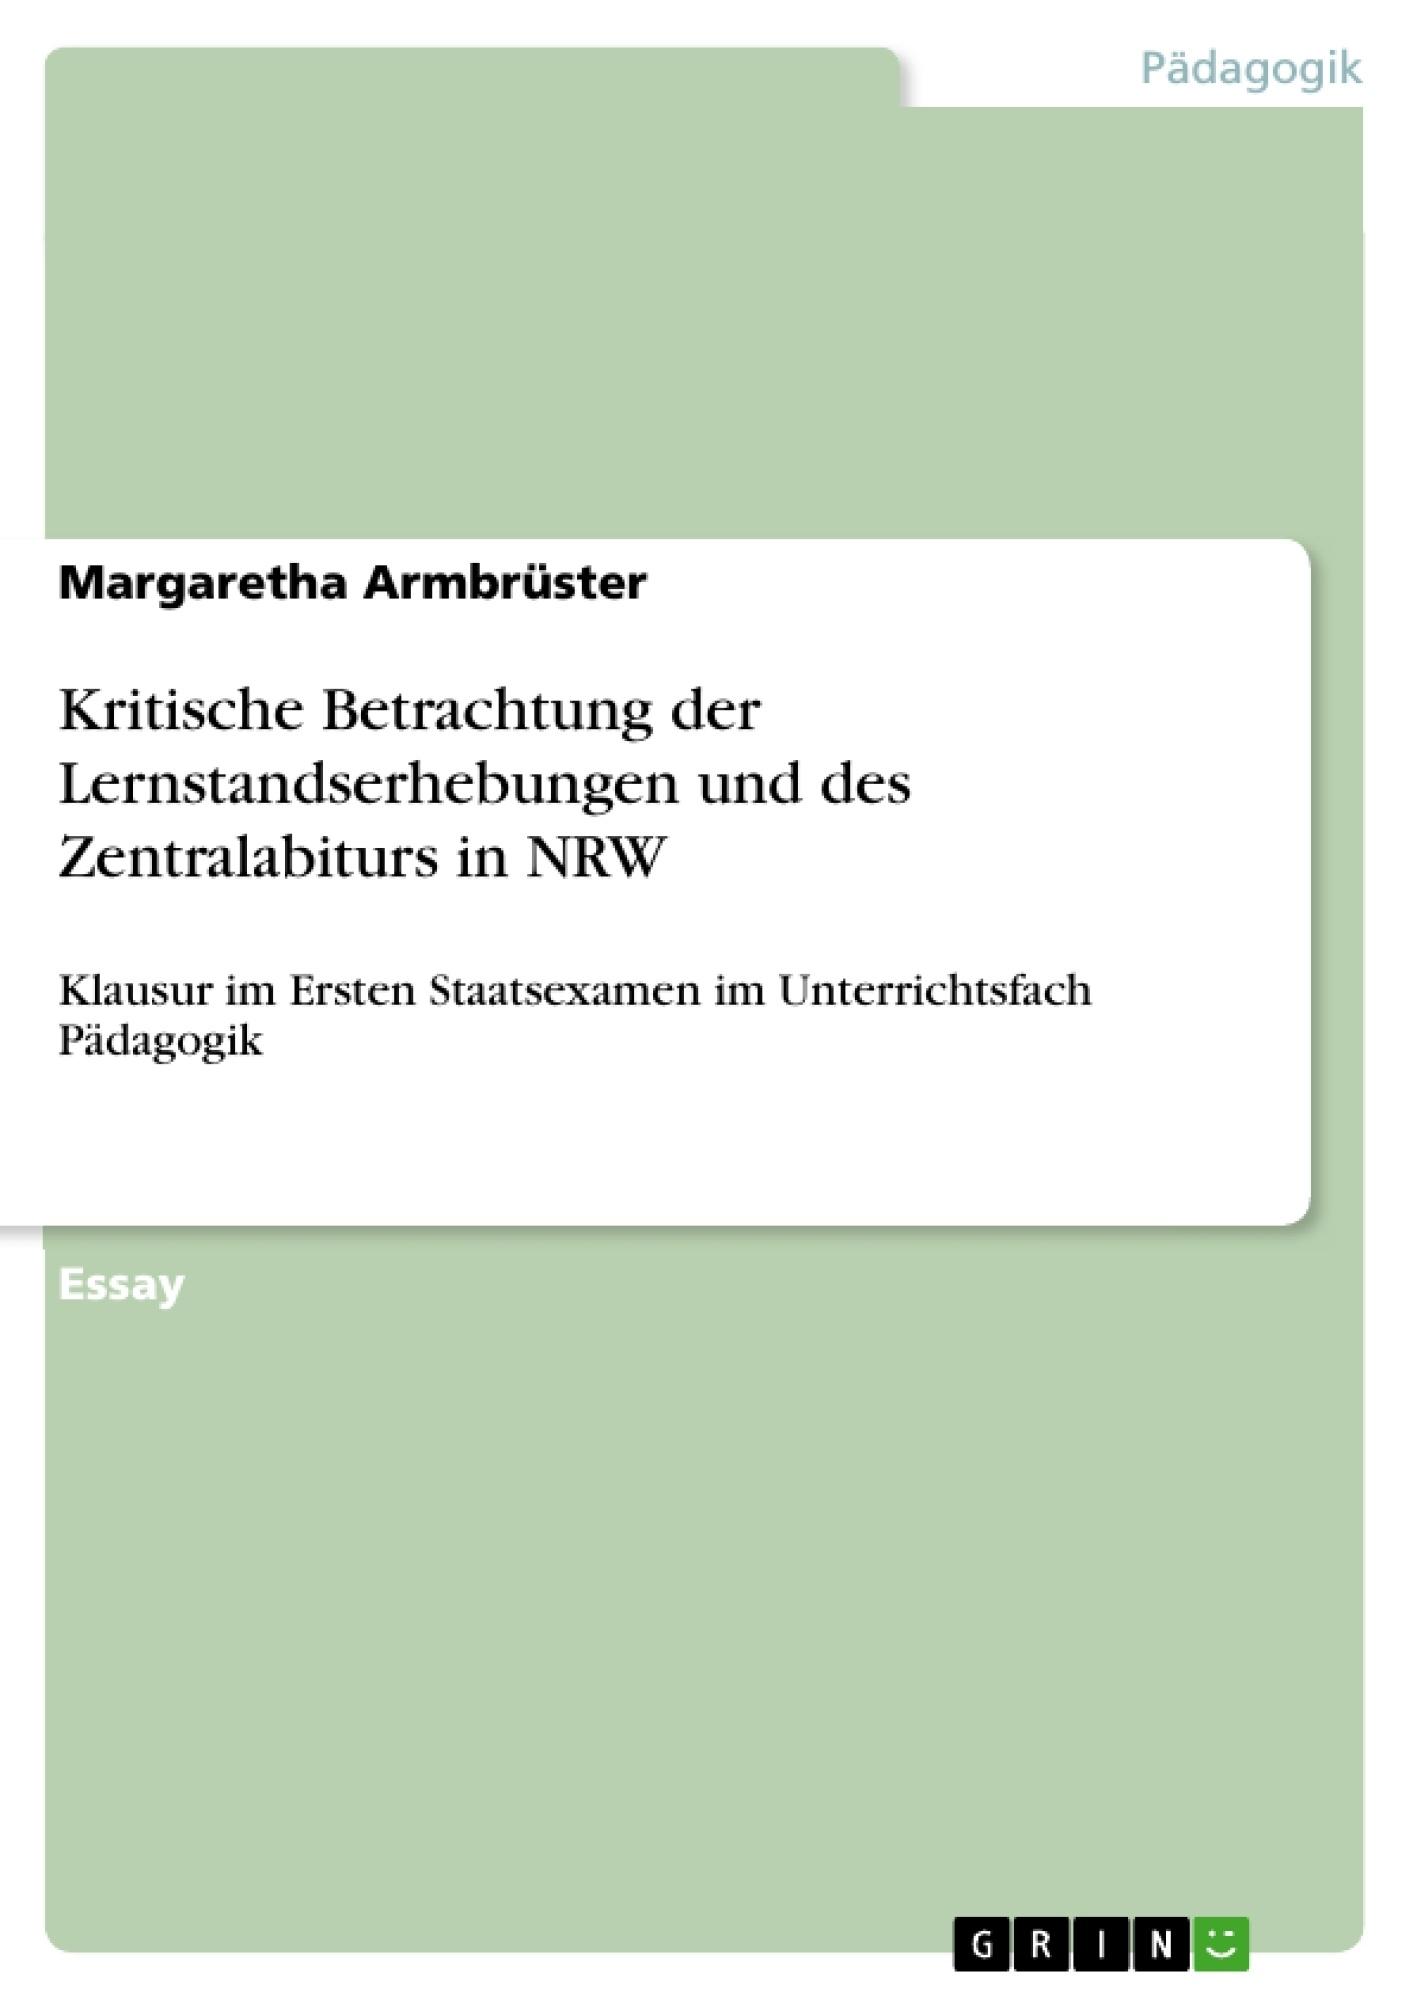 Titel: Kritische Betrachtung der Lernstandserhebungen und des Zentralabiturs in NRW